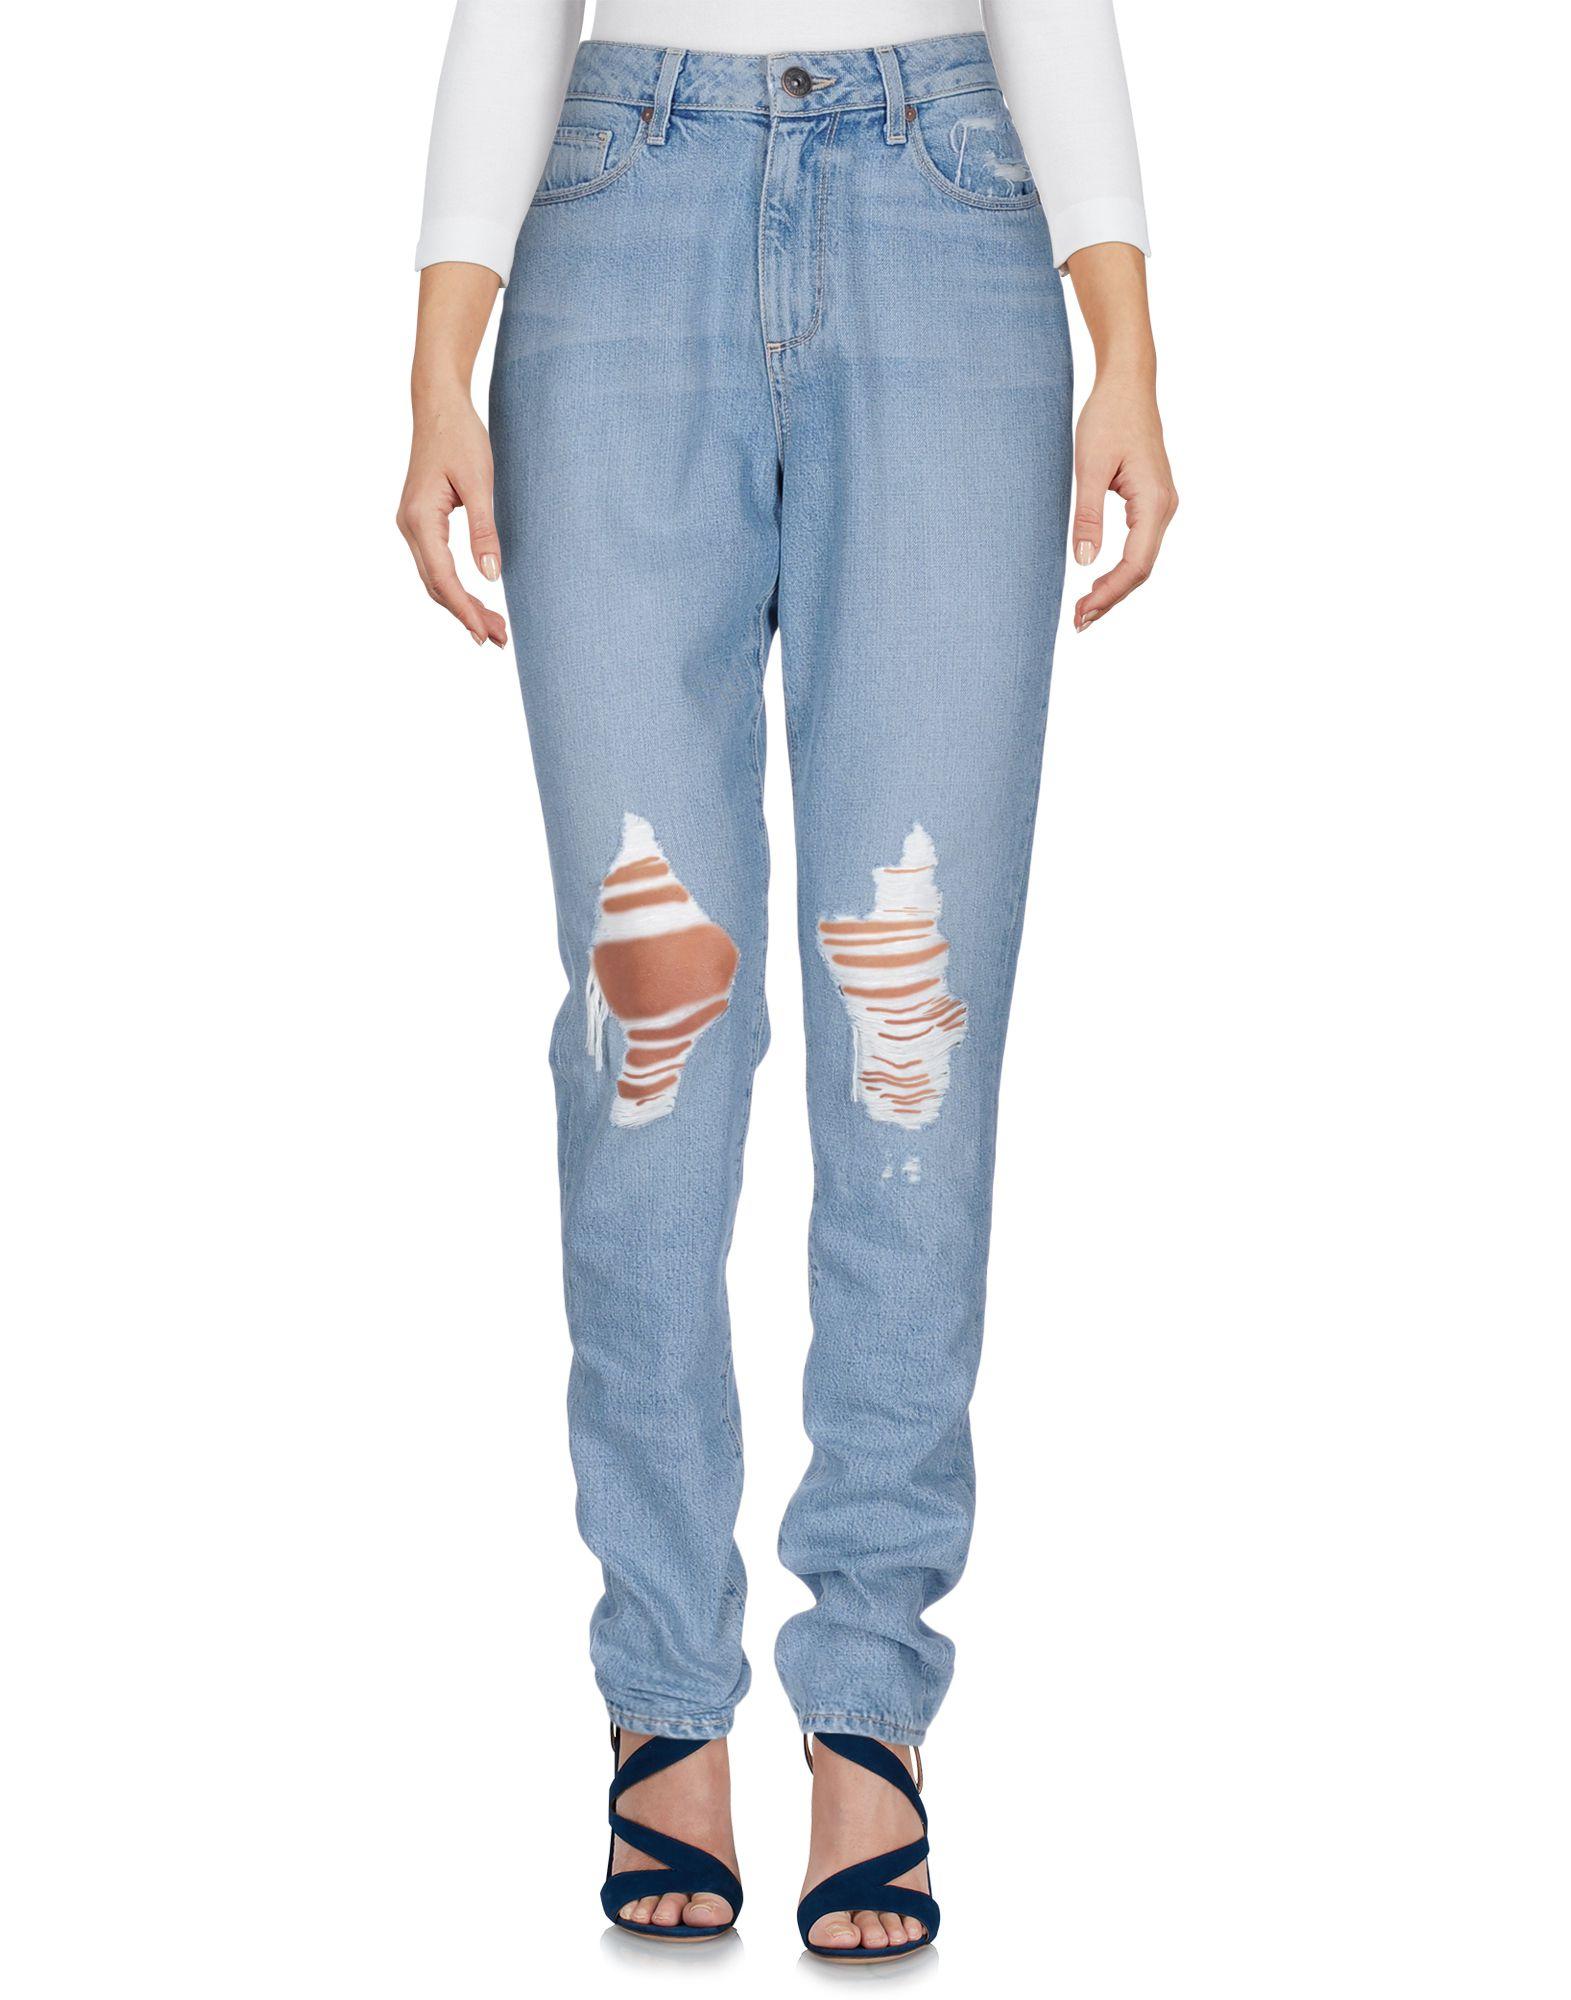 PAIGE Damen Jeanshose Farbe Blau Größe 8 jetztbilligerkaufen